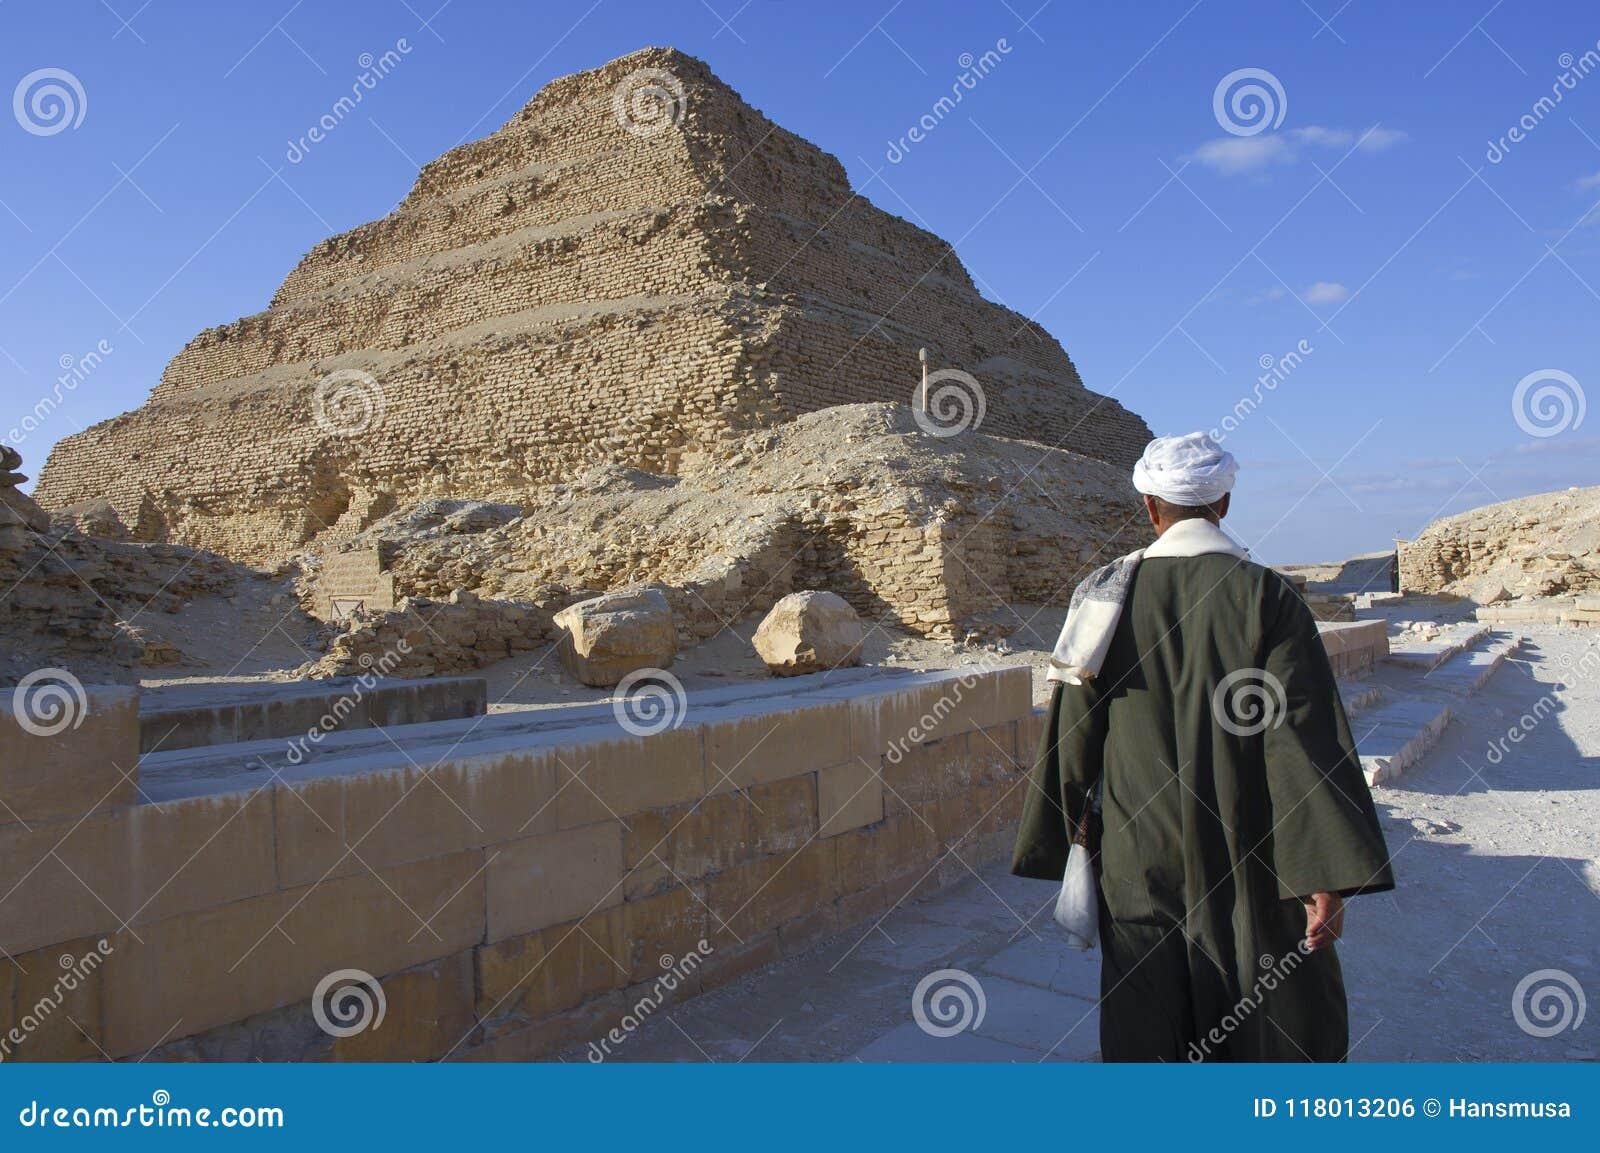 Uomo egiziano vicino alla piramide di Saqqara a Giza, Il Cairo, Egitto su 02-09